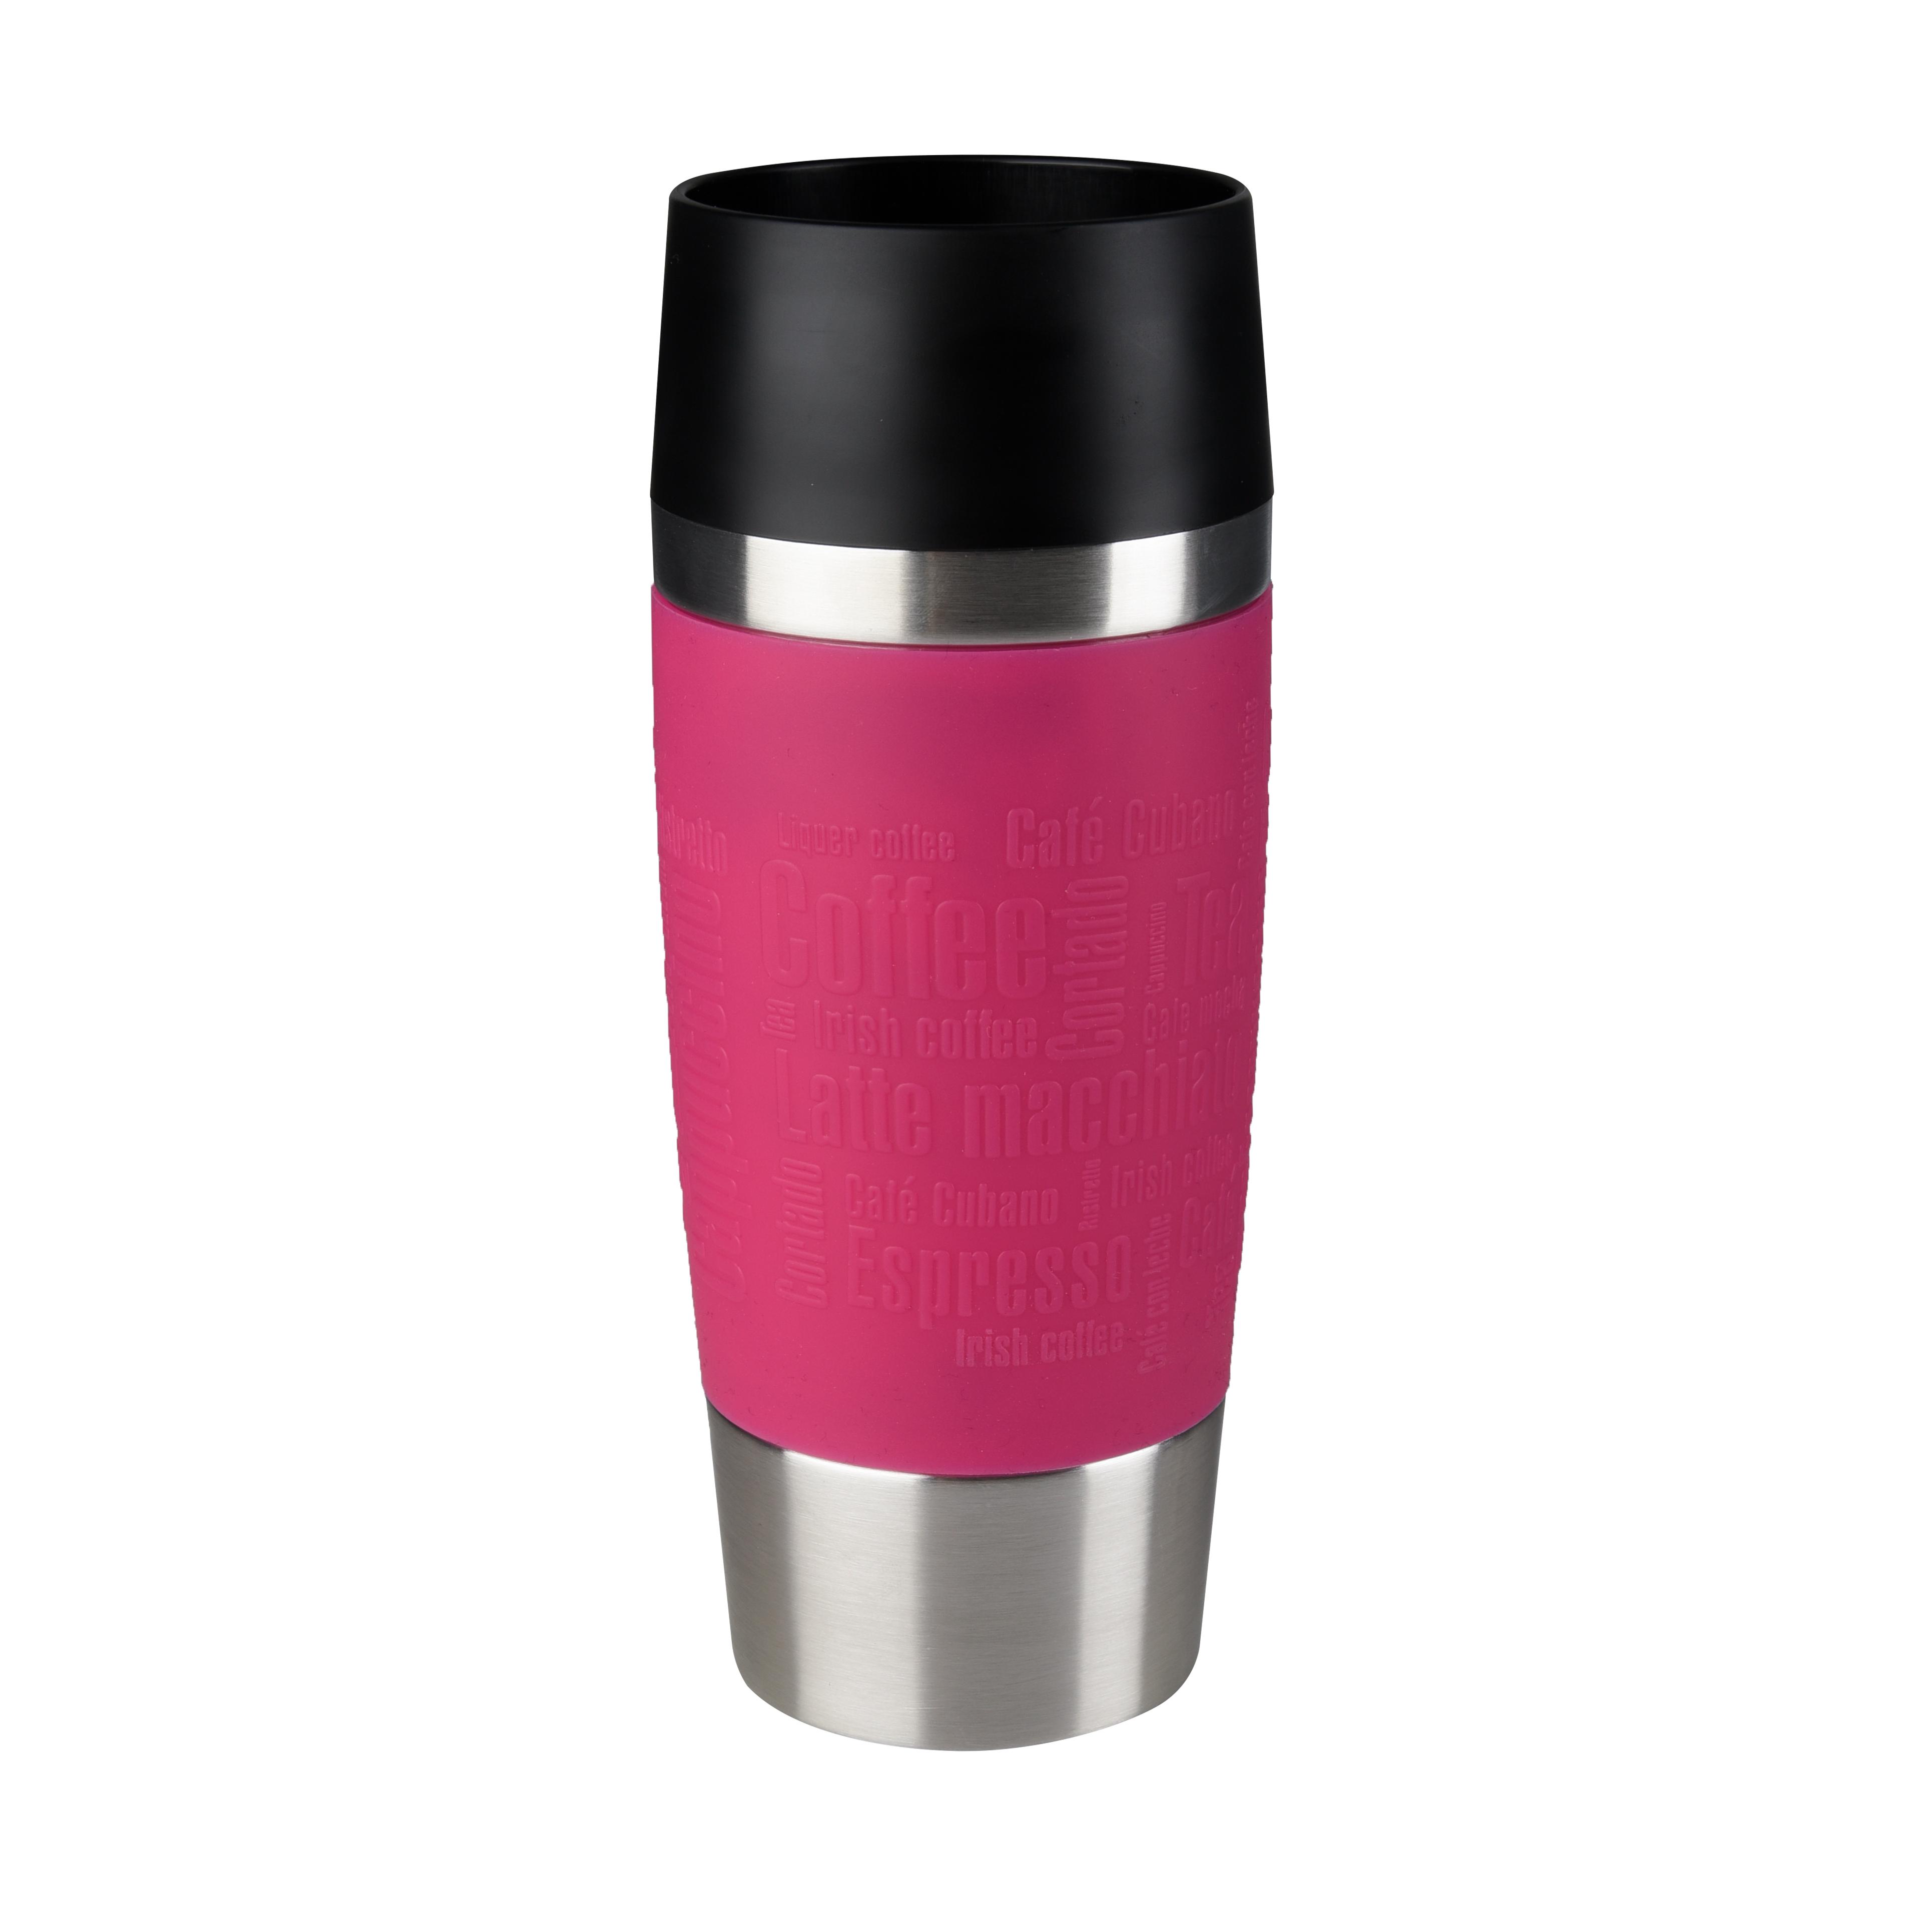 EMSA 513550 Travel Mug Thermo-/Isolierbecher, Fassungsvermögen: 0,36L, hält 4h heiß/ 8h kalt, 100% dicht, auslaufsicher, Easy Quick-Press-Verschluss, 360°-Trinköffnung, Himbeer